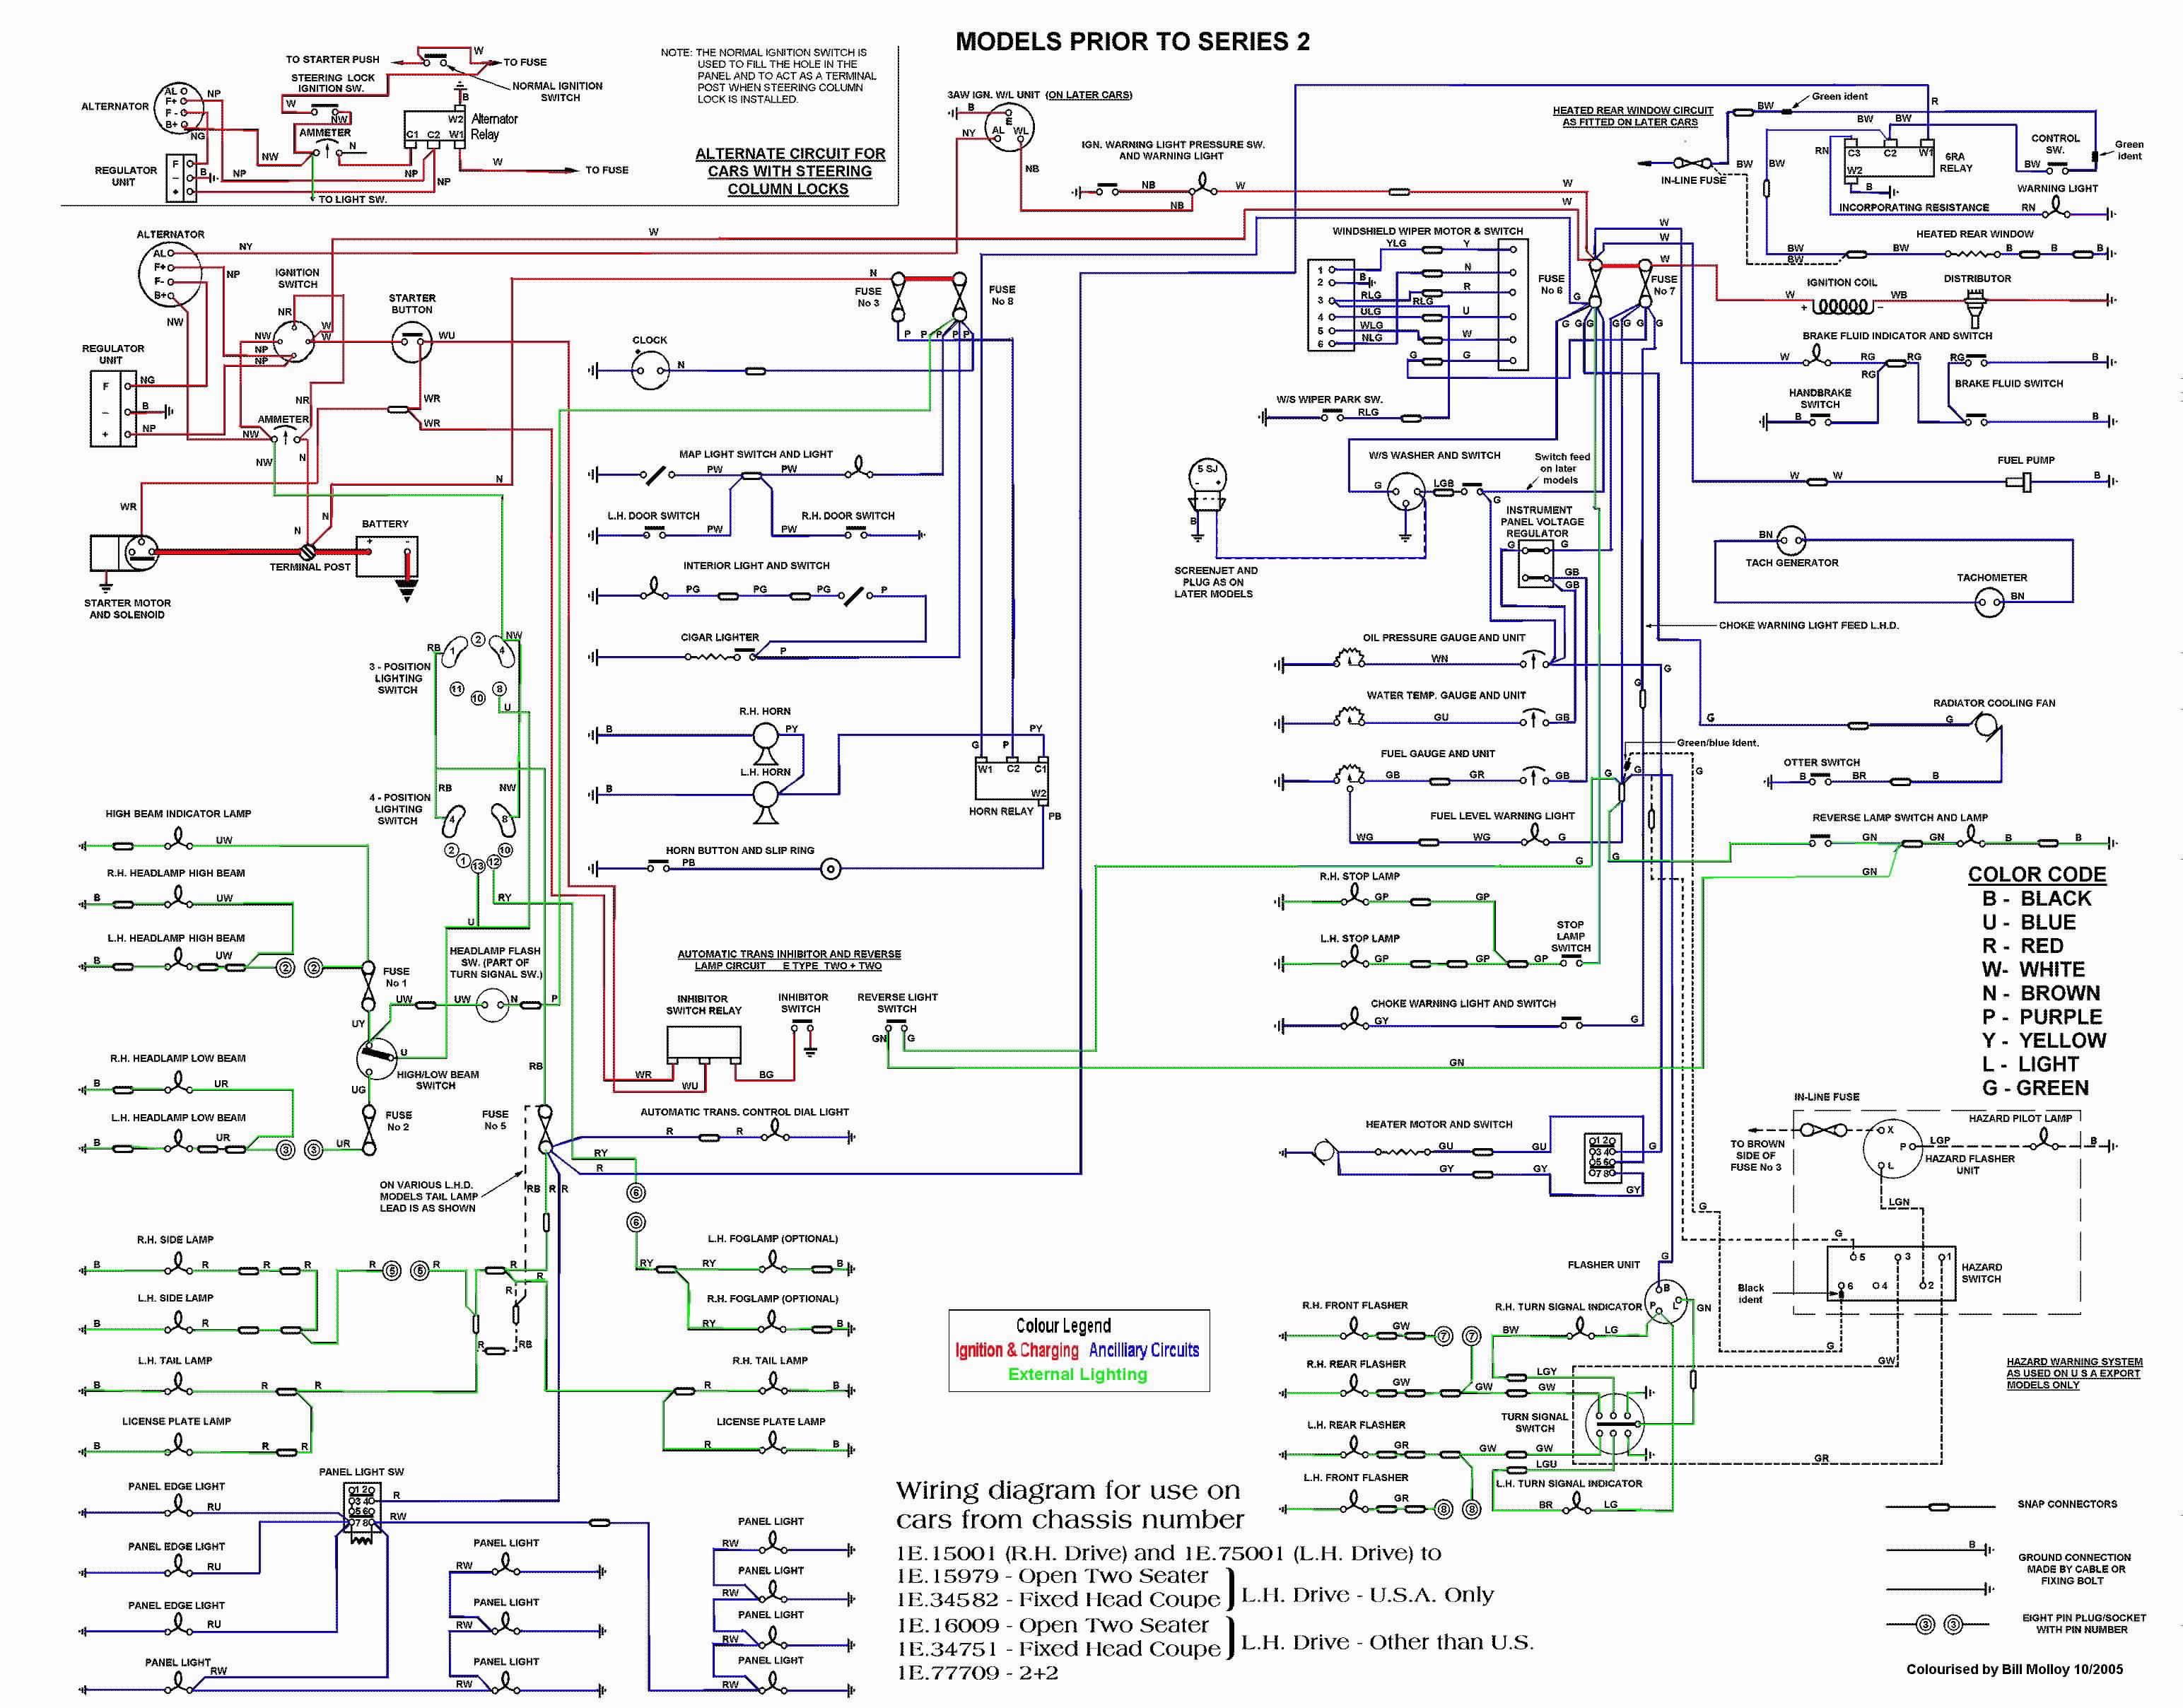 jaguar e type series 1 wiring diagram